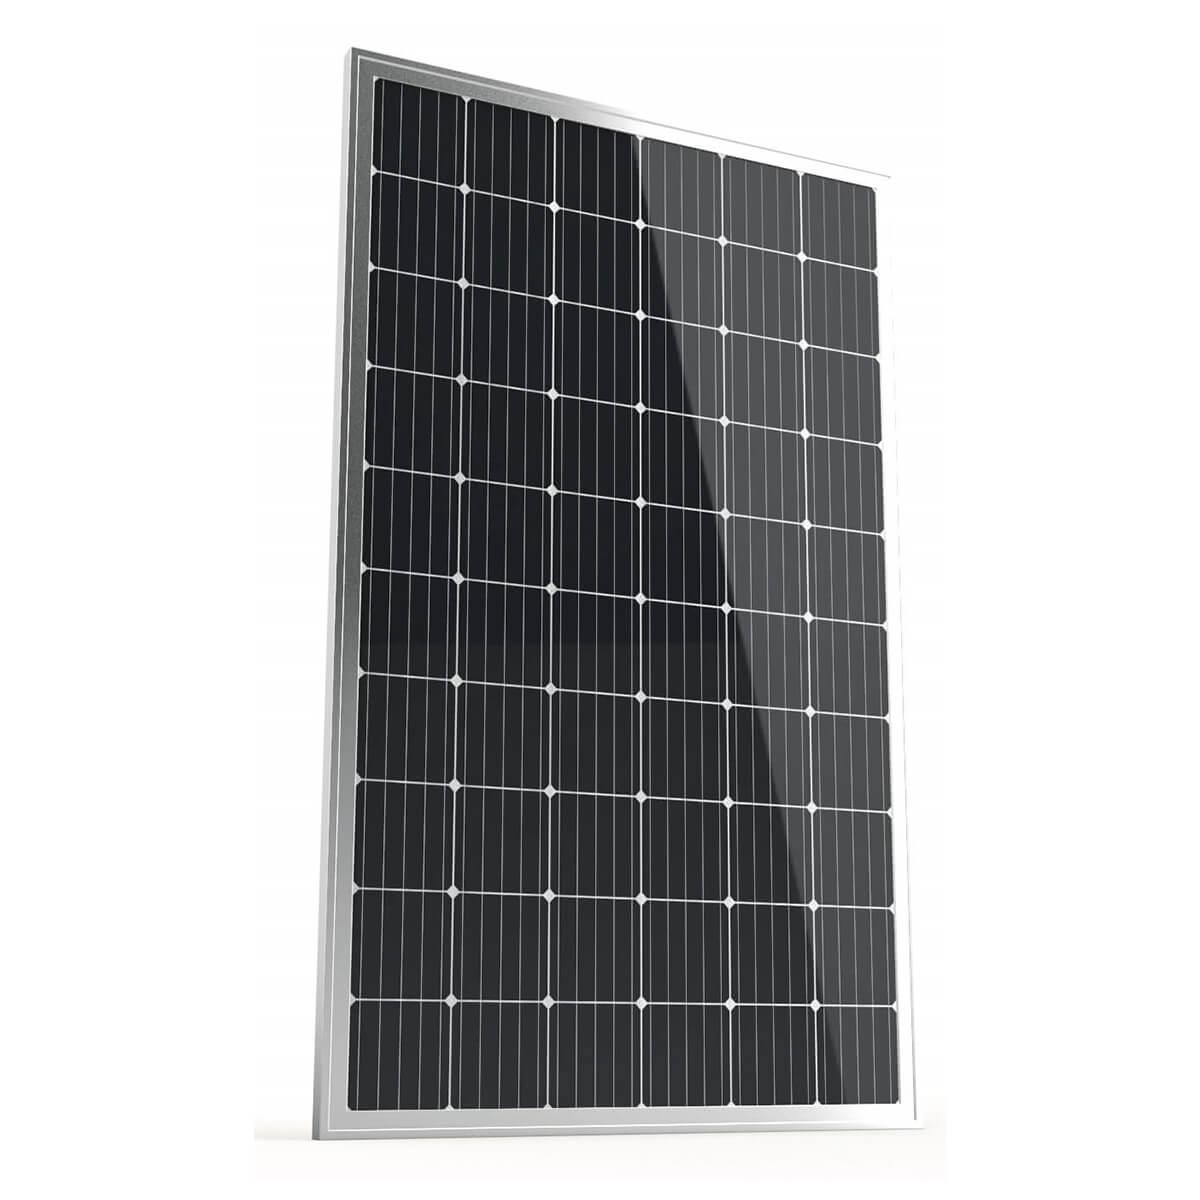 2h enerji winasol 320W panel, 2h enerji winasol 320Watt panel, 2h enerji winasol 320 W panel, 2h enerji winasol 320 Watt panel, 2h enerji winasol 320 Watt monokristal panel, 2h enerji winasol 320 W watt gunes paneli, 2h enerji winasol 320 W watt monokristal gunes paneli, 2h enerji winasol 320 W Watt fotovoltaik monokristal solar panel, 2h enerji winasol 320W monokristal gunes enerjisi, 2h enerji winasol 60-M3-320W panel, WINASOL 320 WATT